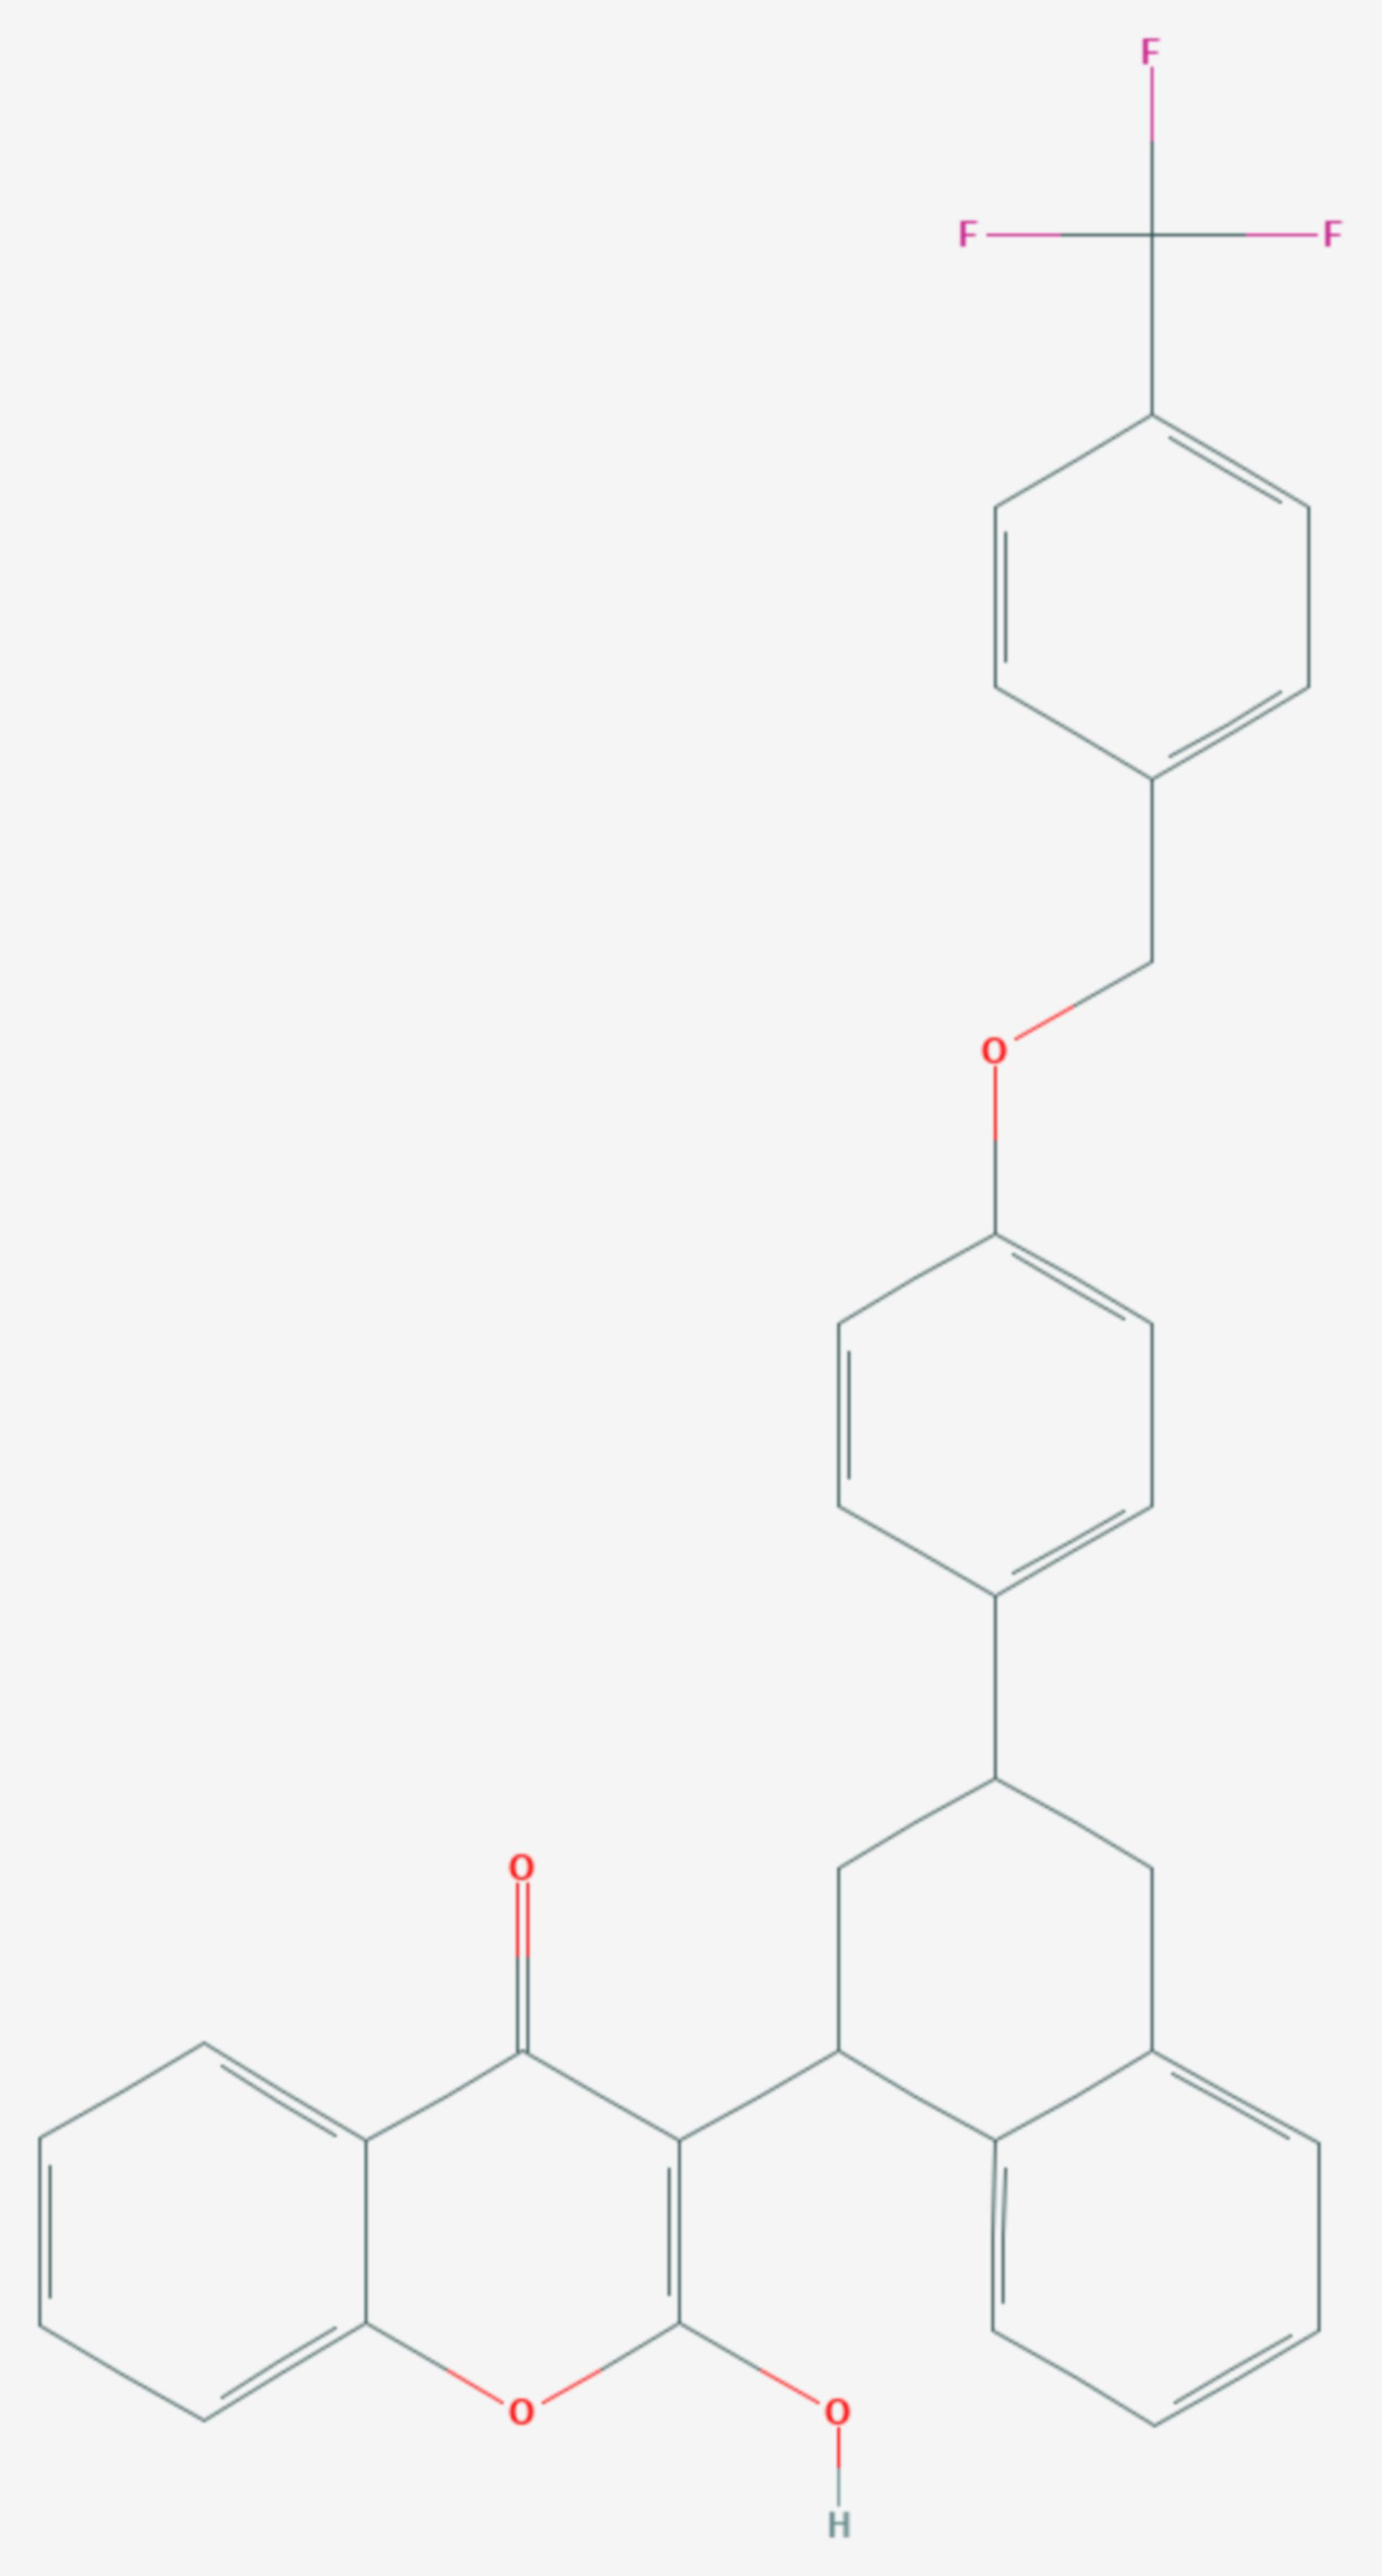 Flocoumafen (Strukturformel)